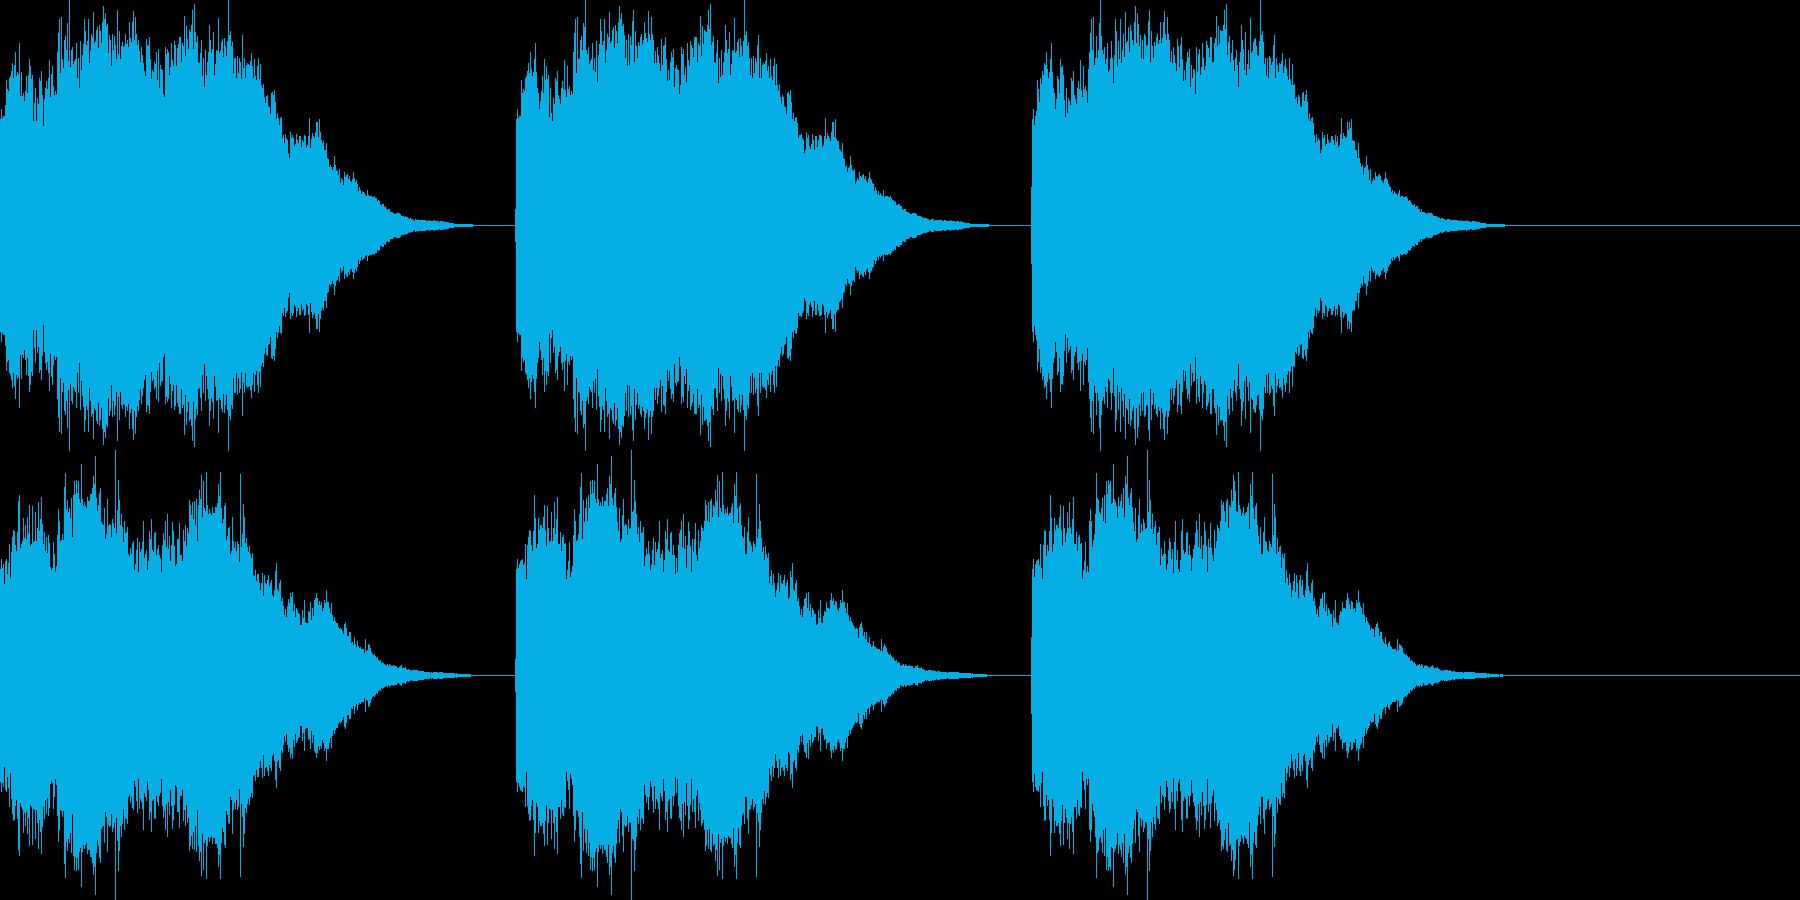 ベル/コール/着信音/アラーム音/ロングの再生済みの波形